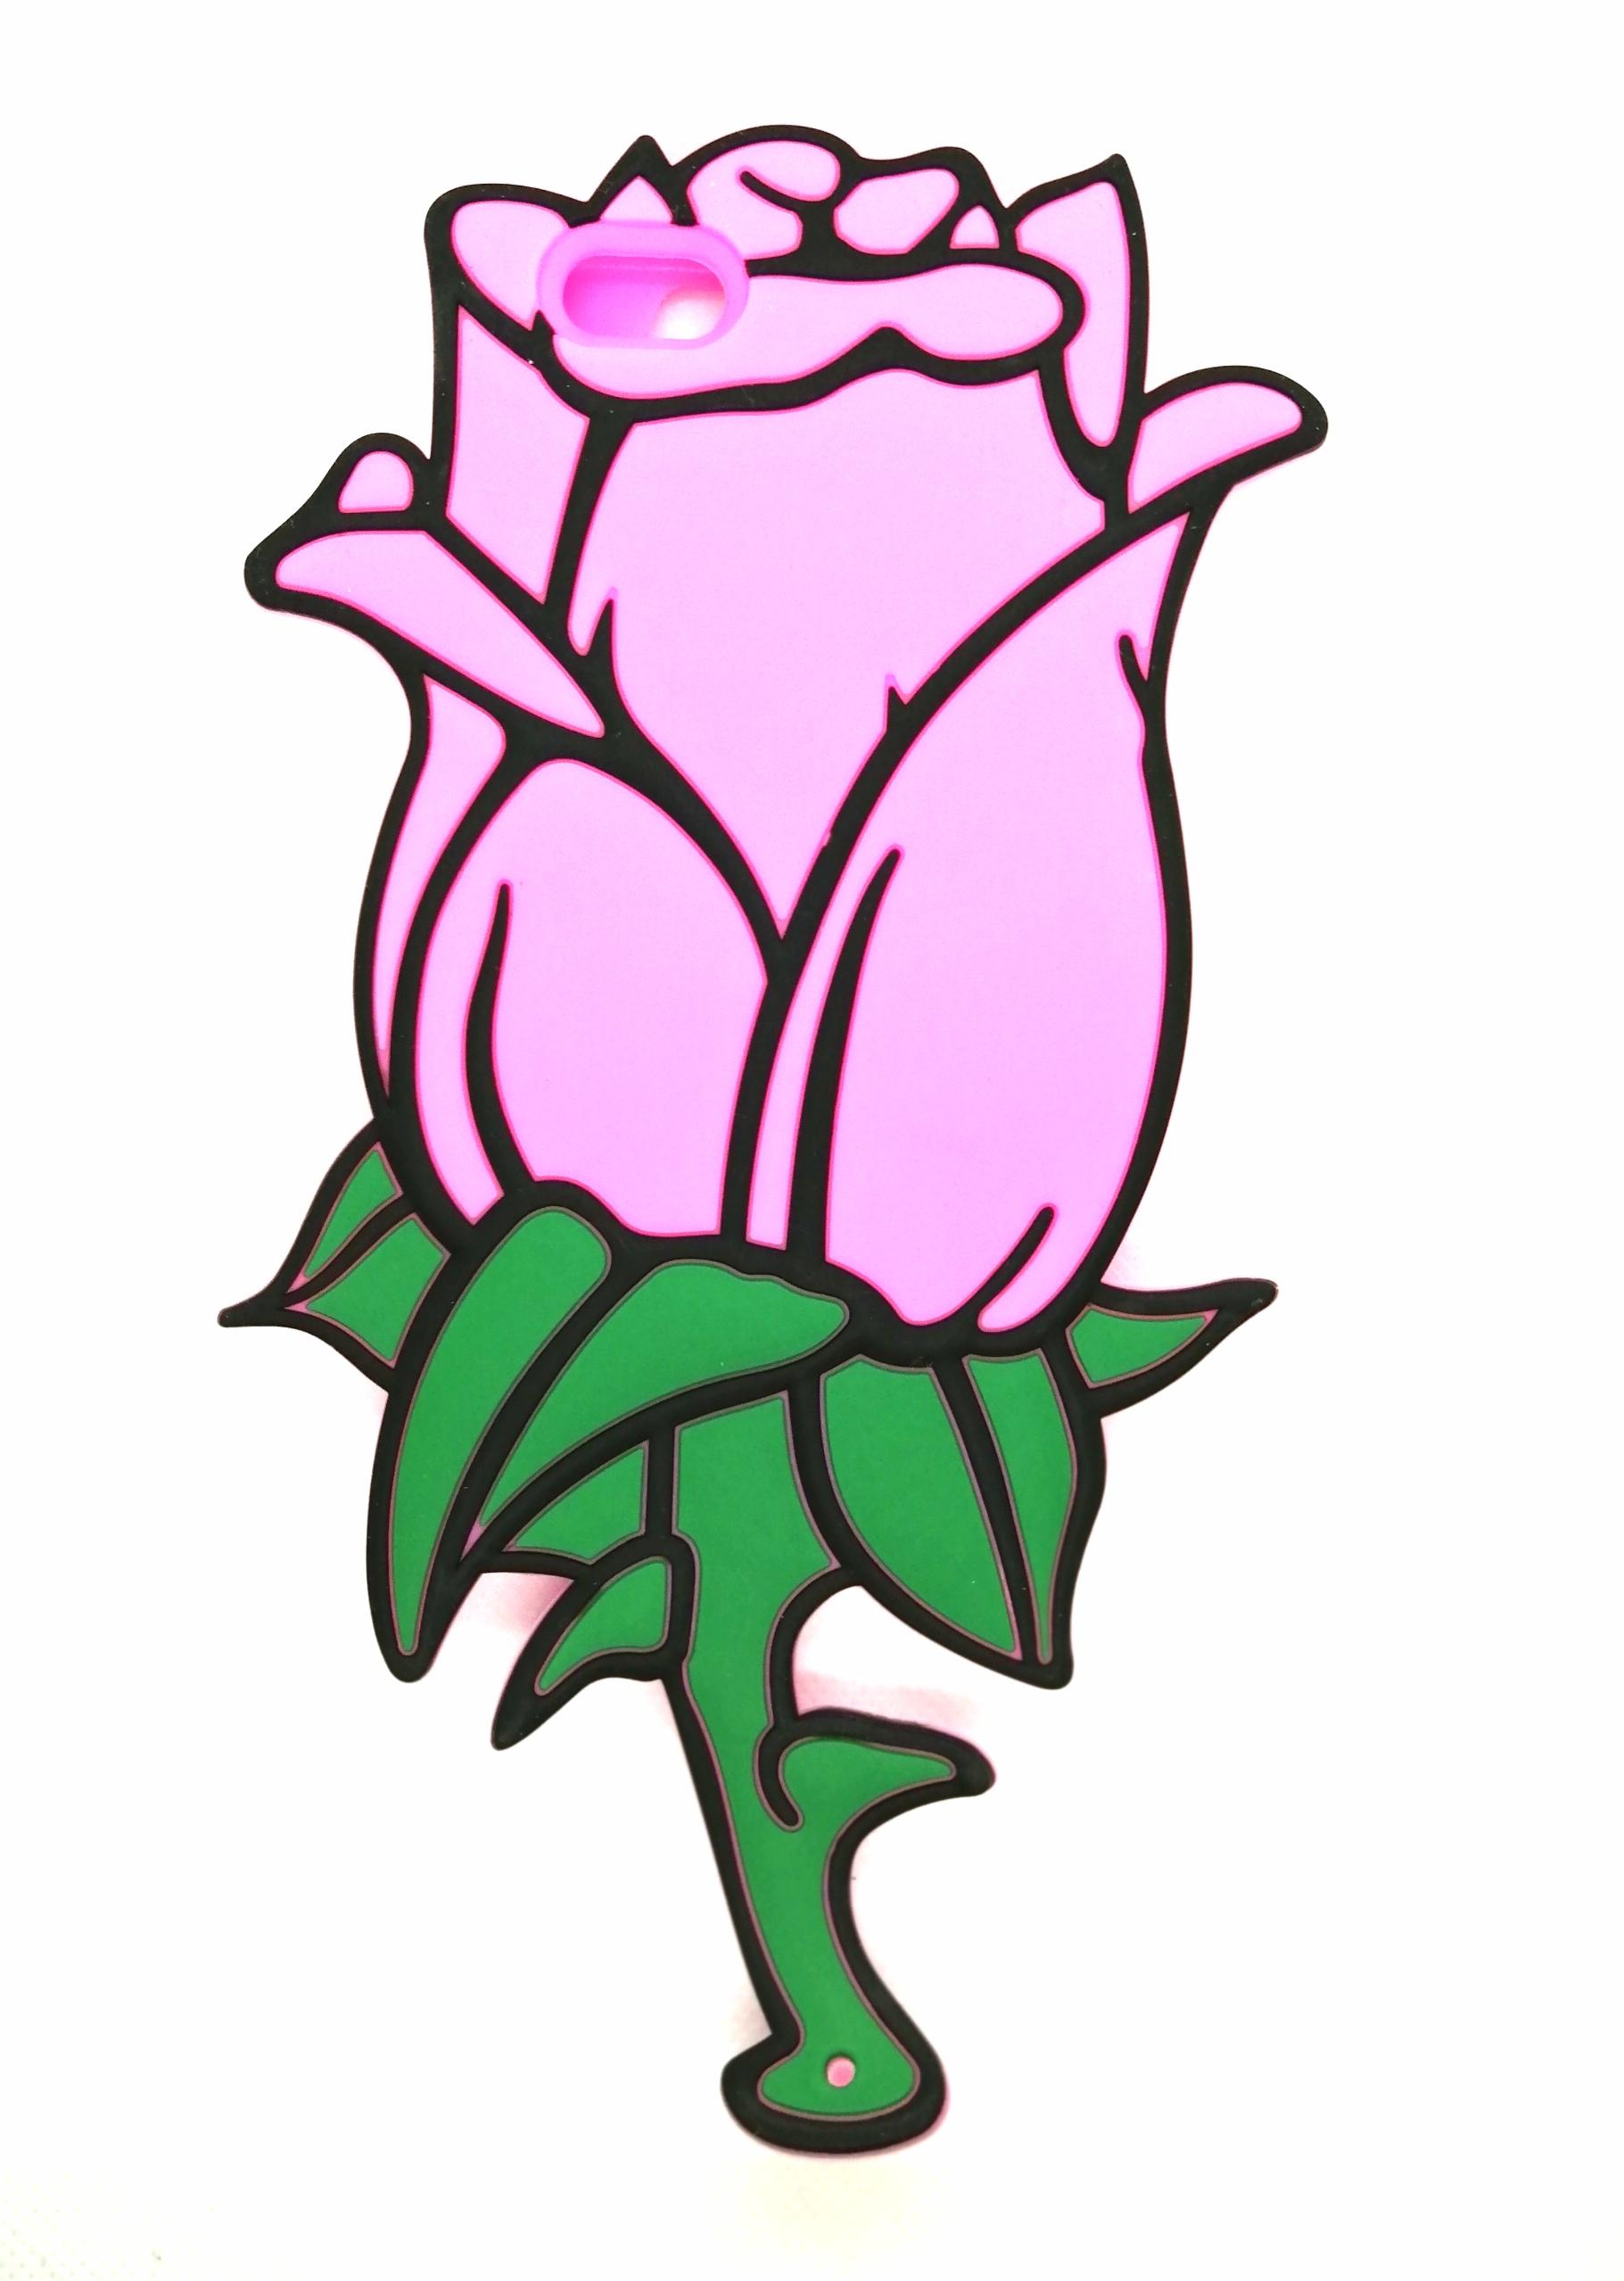 Чехол для сотового телефона ZUP ENFILL DE JOUER для Iphone 6/6S, розовый чехол для сотового телефона zup lord nermal для iphone xs max черный